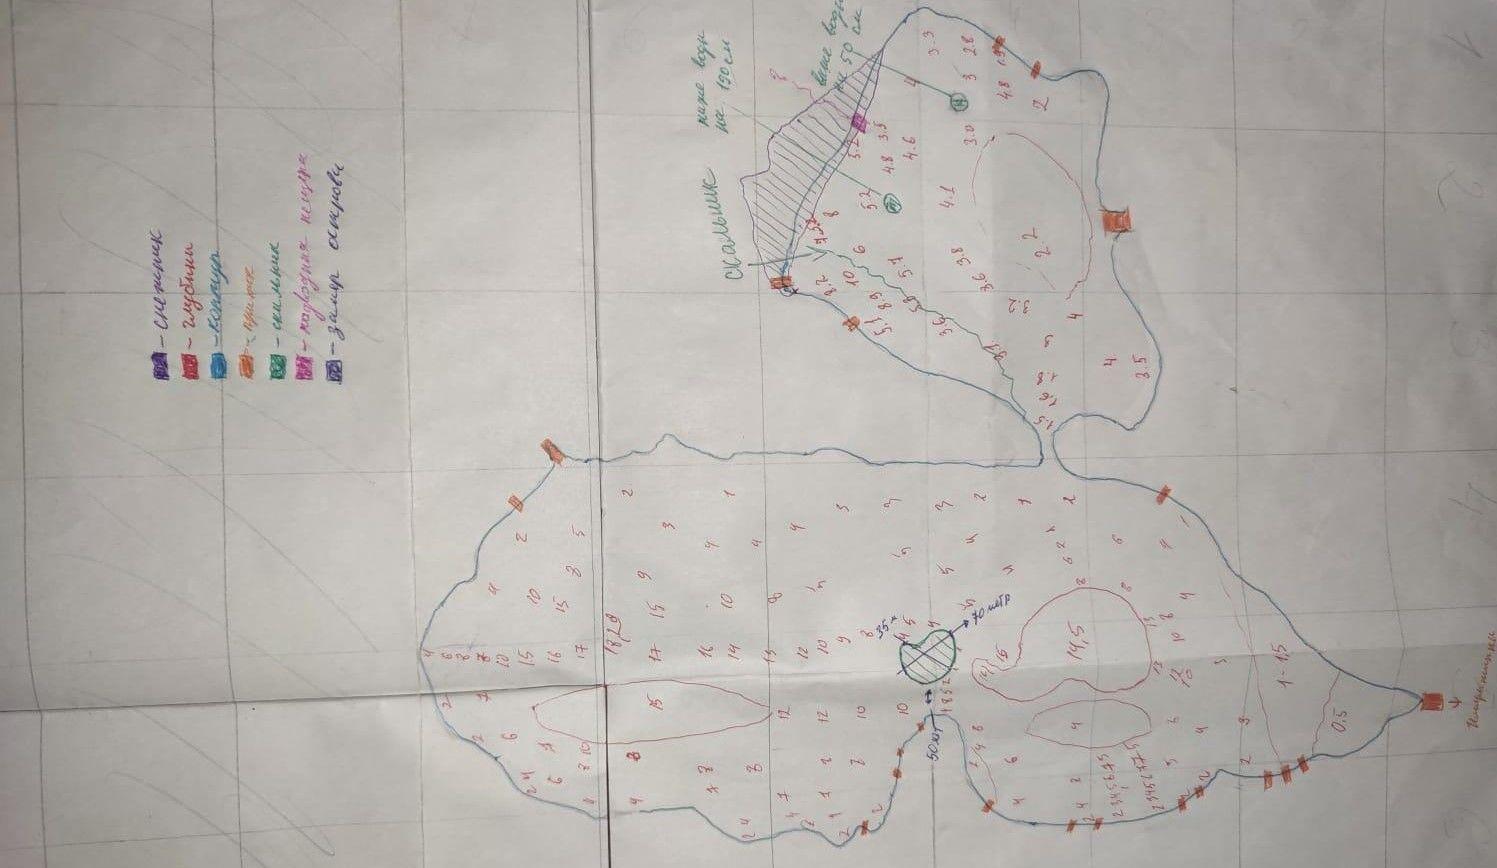 Бумажная карта, отрисованная вручную — необходимый этап 3D-моделирования ©Фото из архива экспедиции, предоставил Юрий Кашин